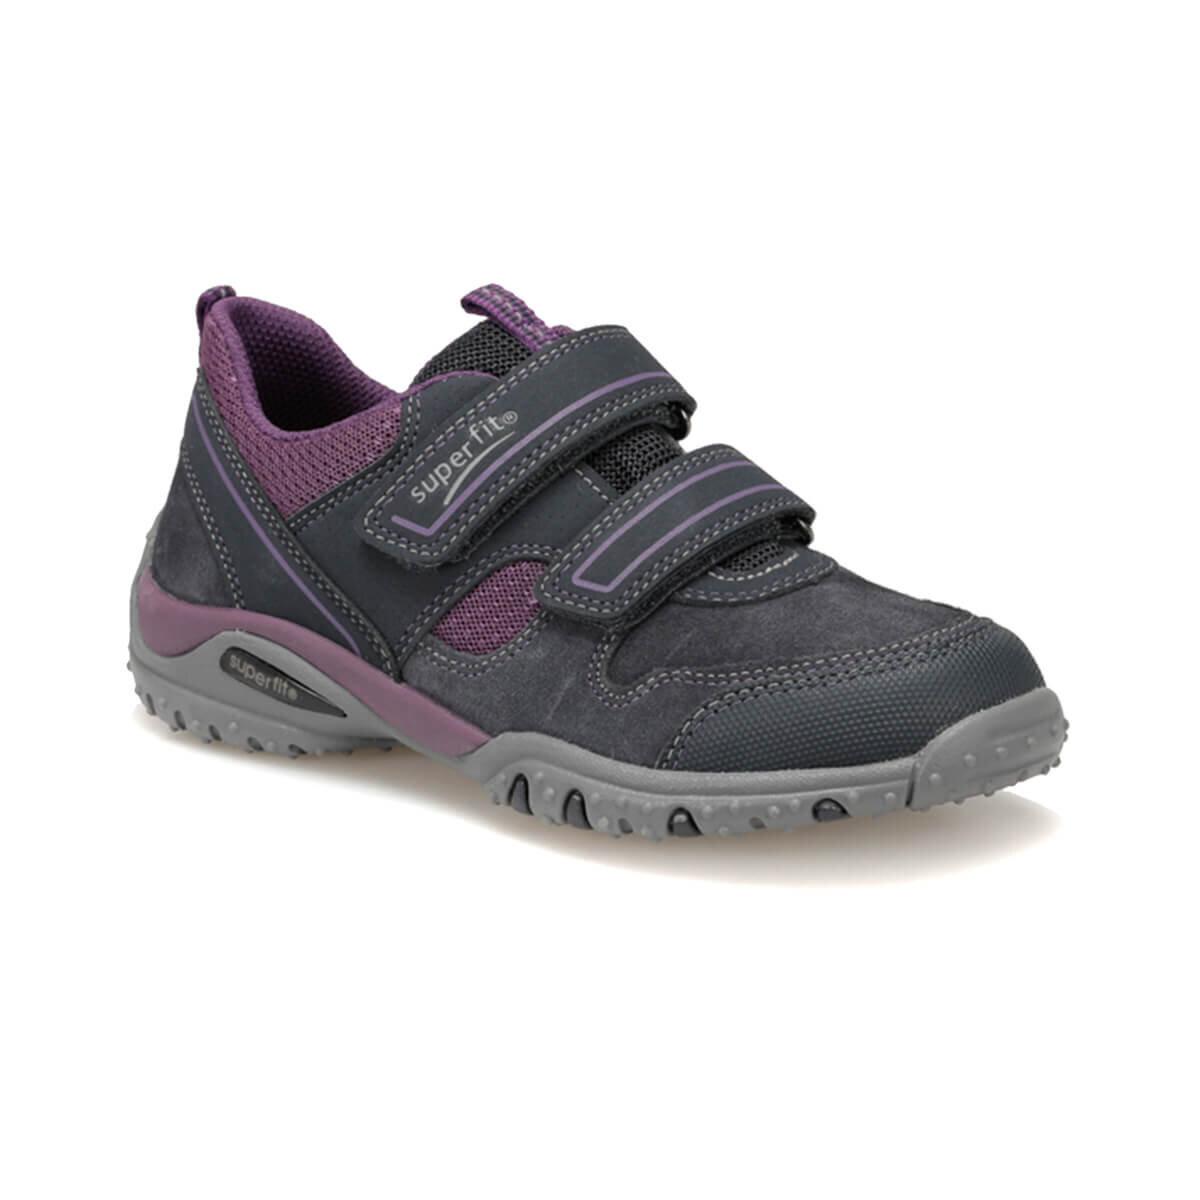 GRI Kız Çocuk Ayakkabı 3-09224-82